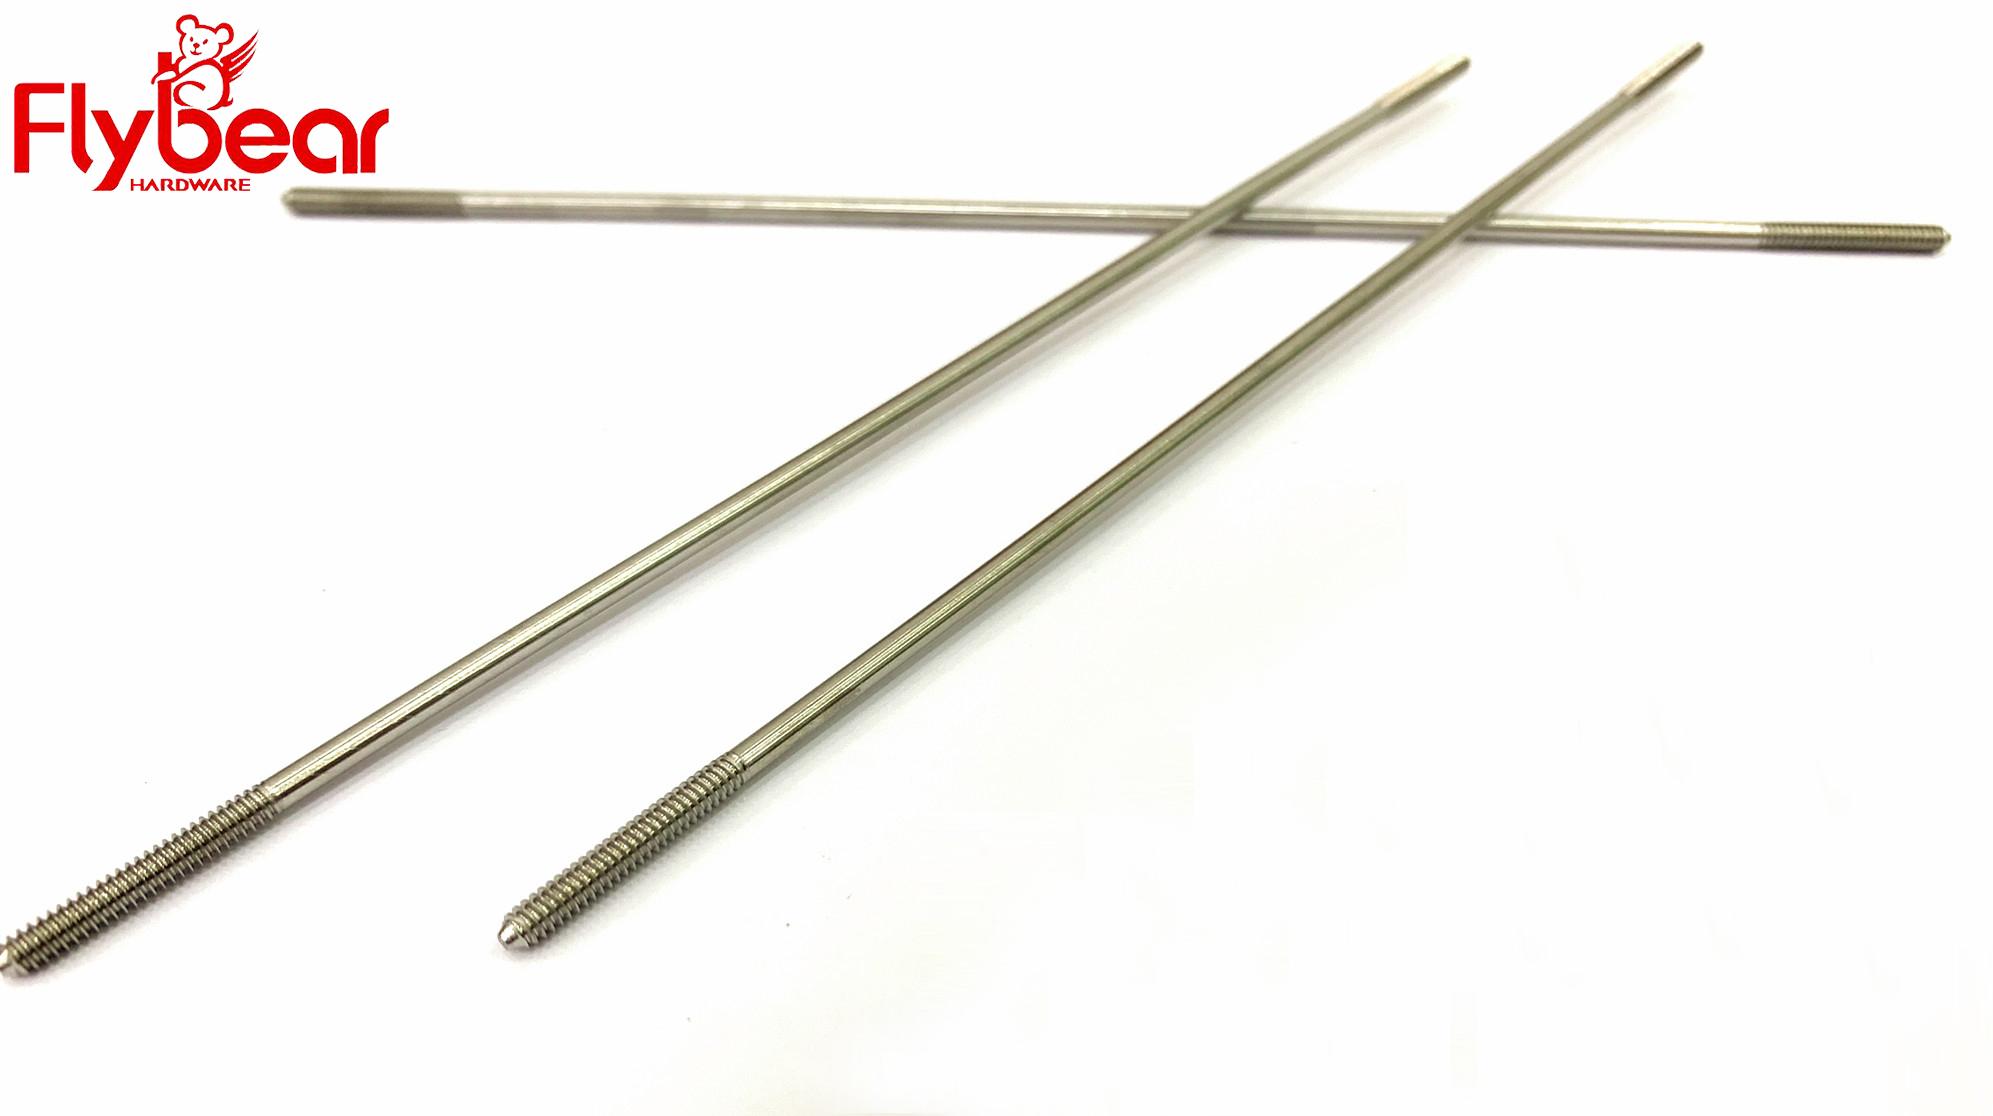 微型双头螺栓超细M2.4超长168.4MM医疗螺栓医疗螺丝